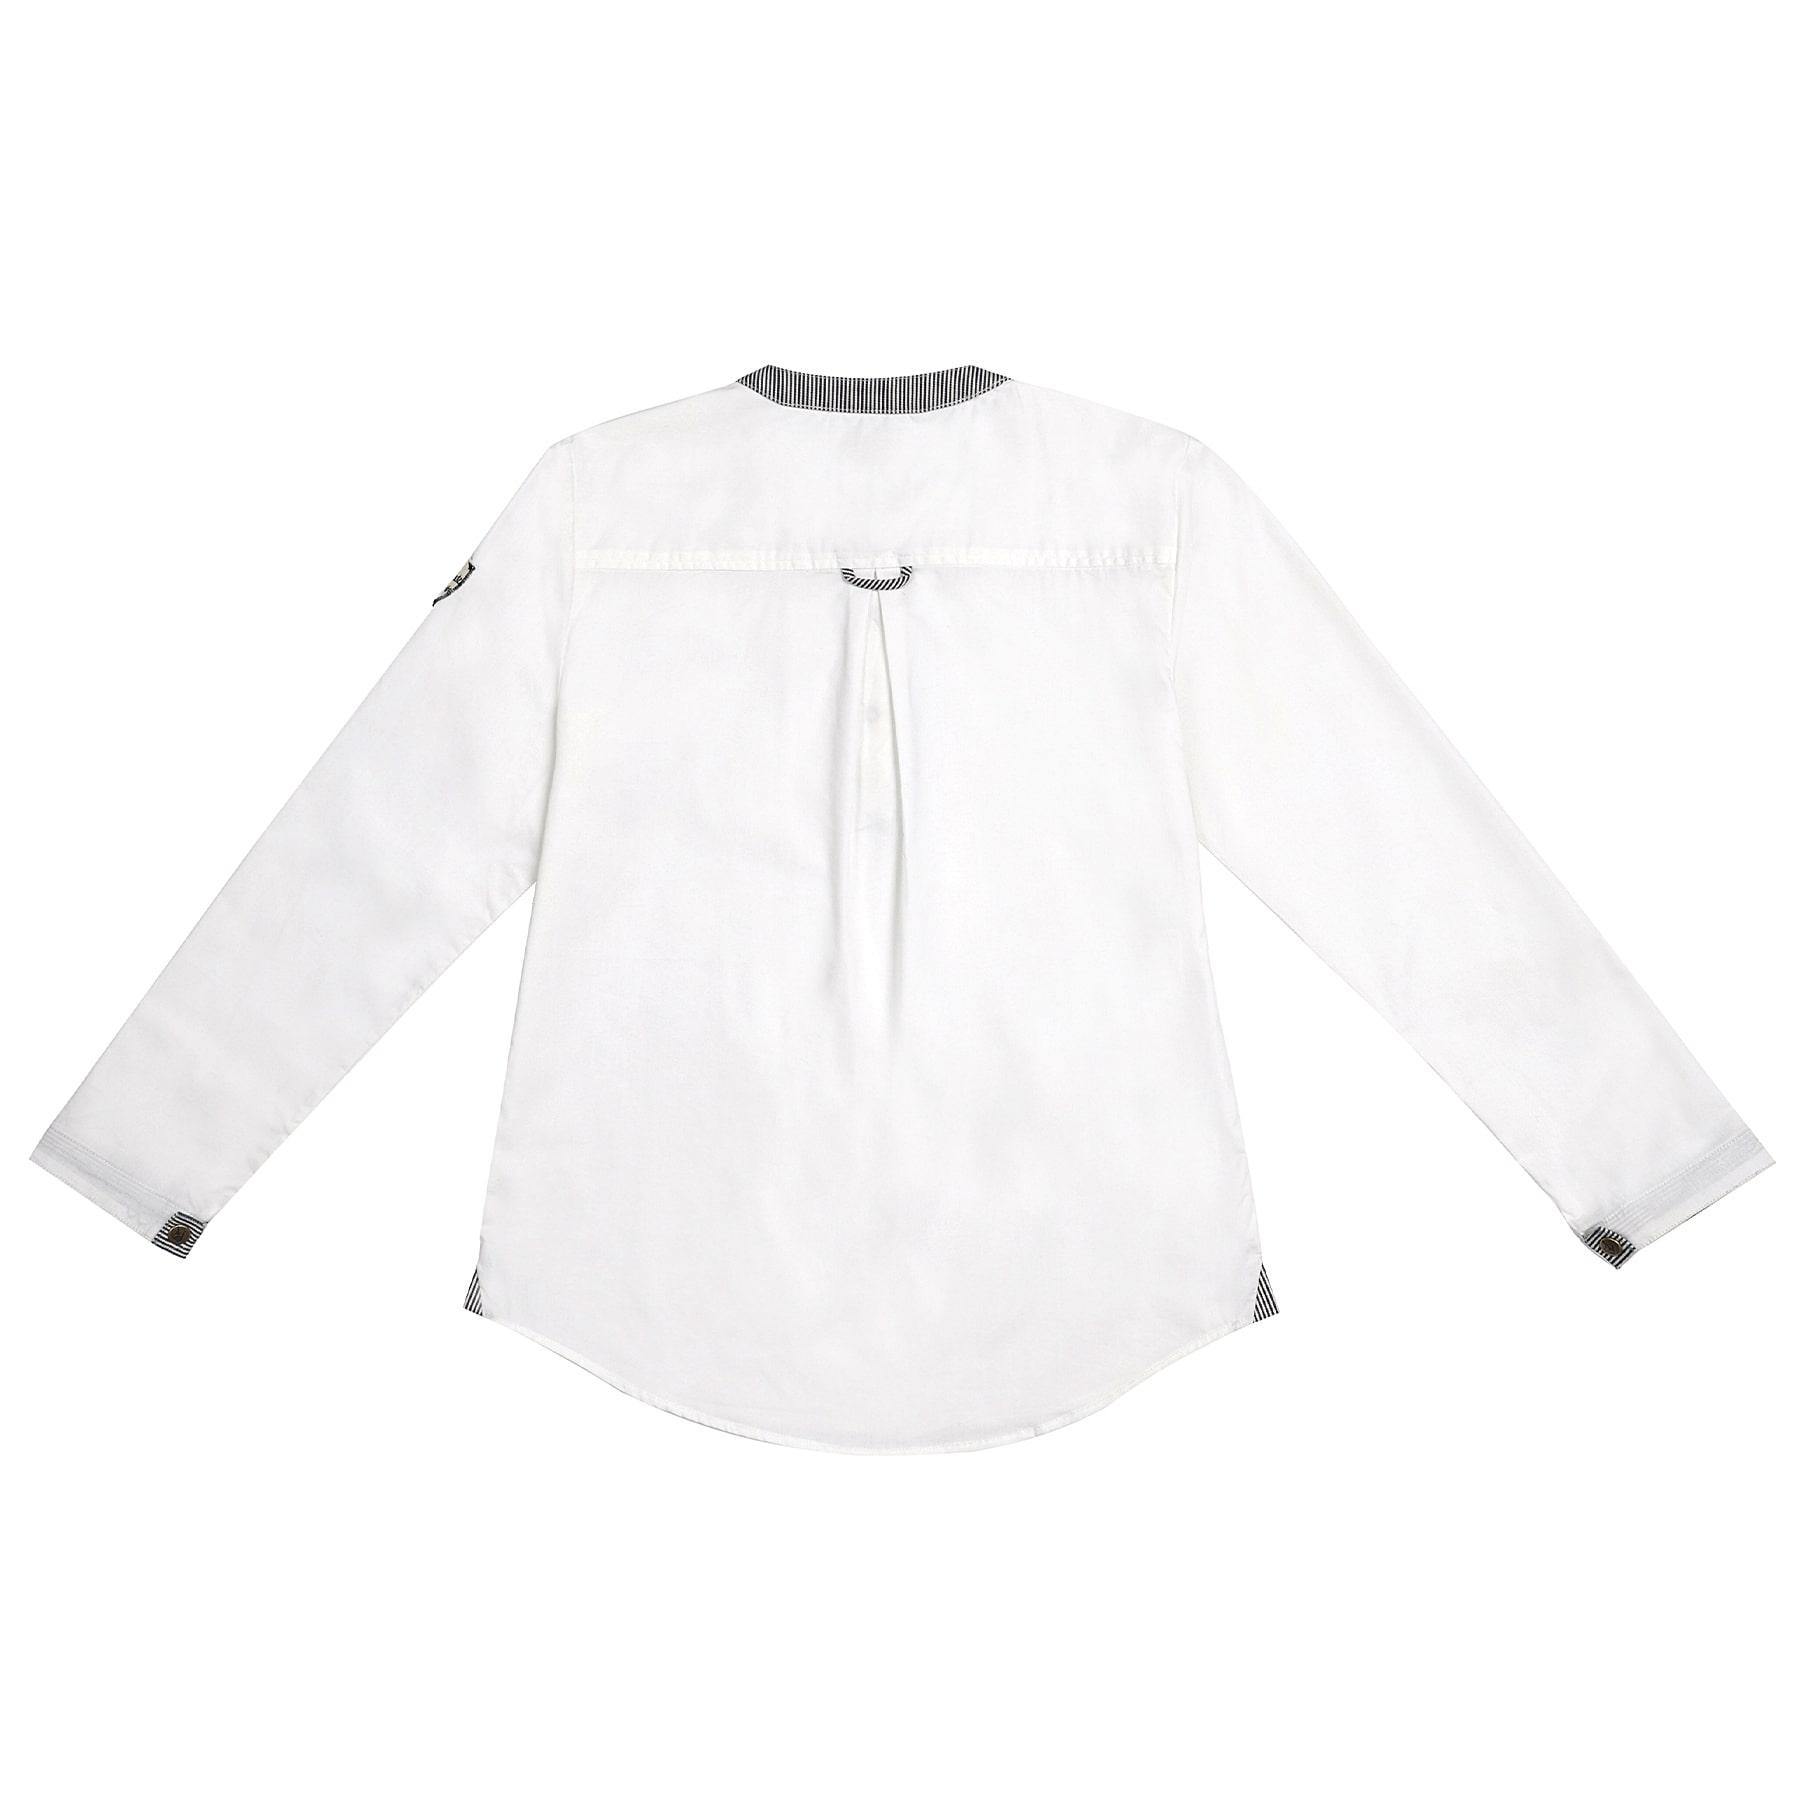 chemise blanche à manches longues et col Mao en denim rayure bleu foncé et beige pour garçons de 2 à 14 ans